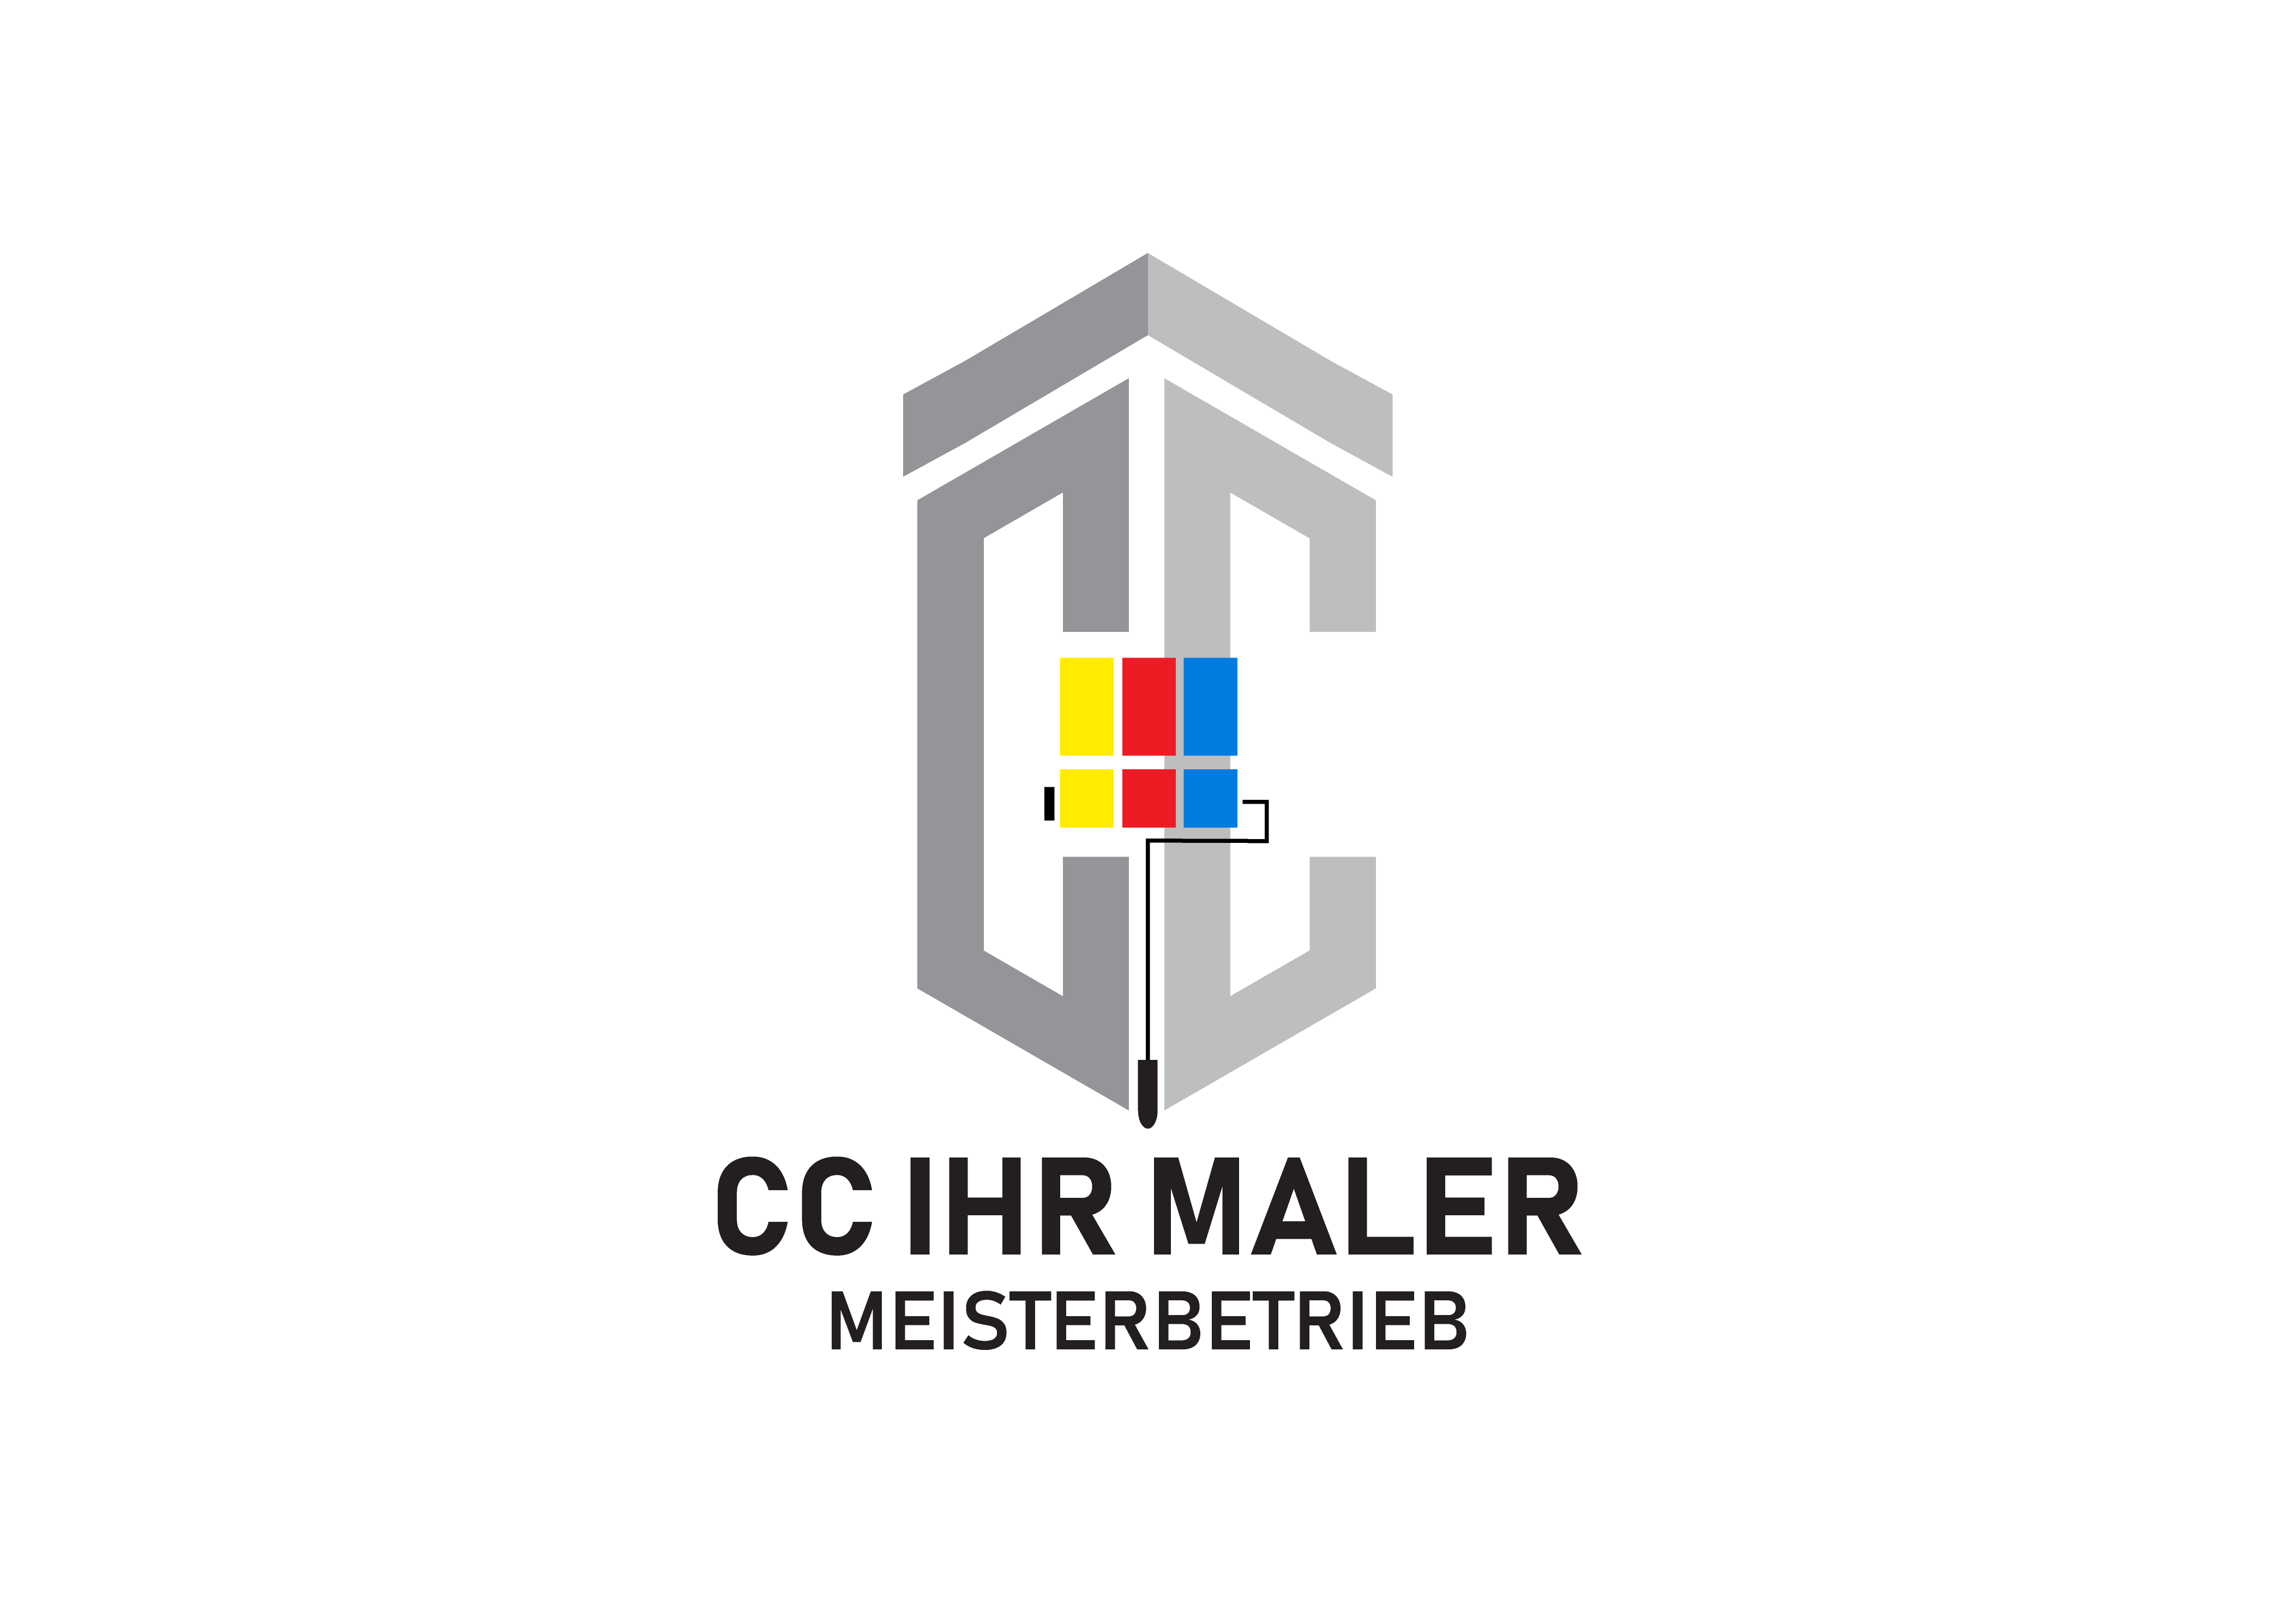 CC Ihr Maler